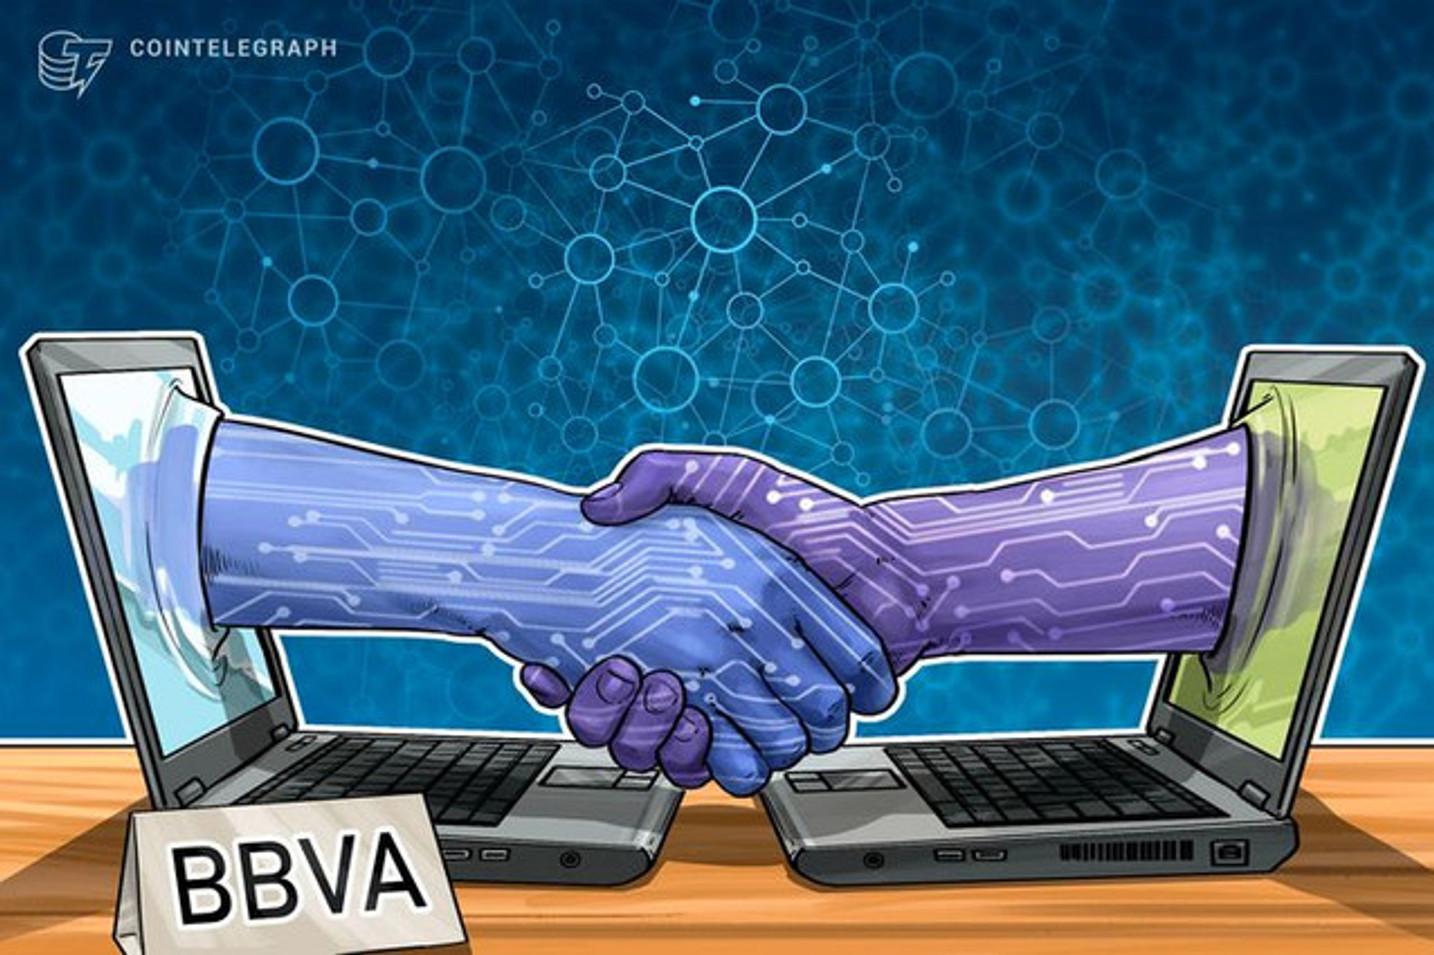 BBVA da acceso a sus clientes a nuevos mercados de activos digitales mediante Blockchain